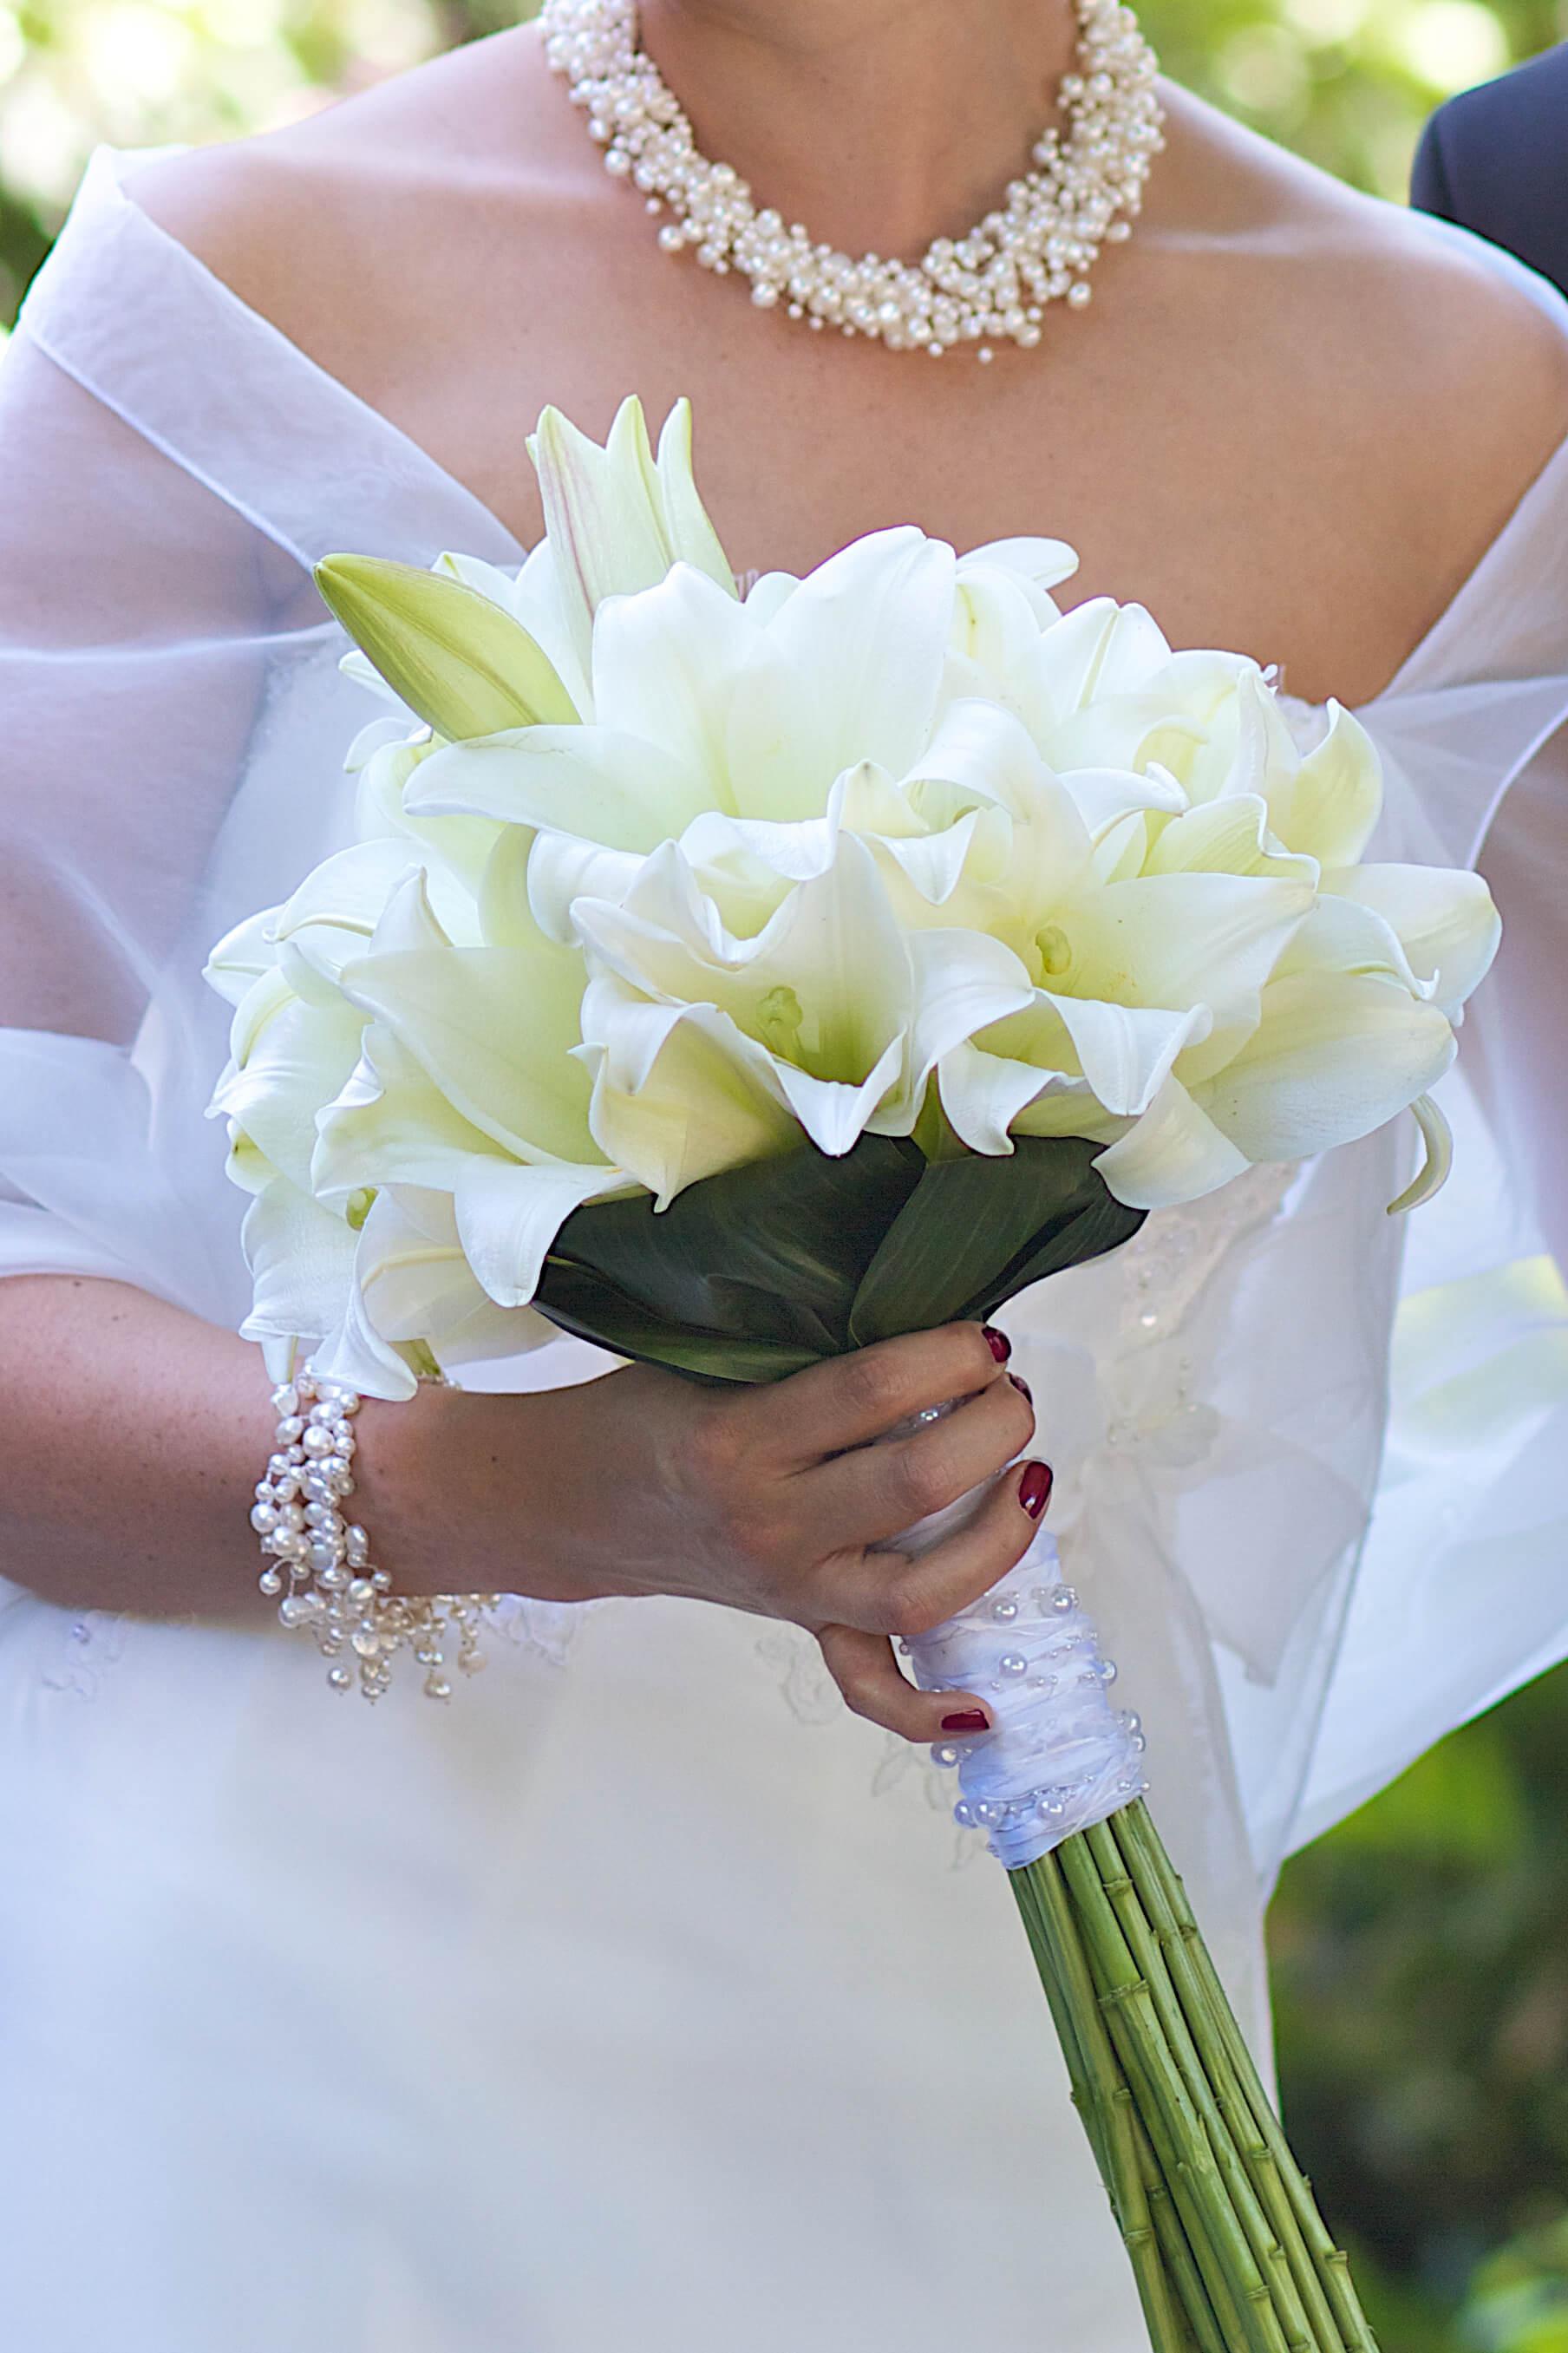 Brautstrauß Weiß  Brautstrauß Lilien weiß Bildergalerie Hochzeitsportal24